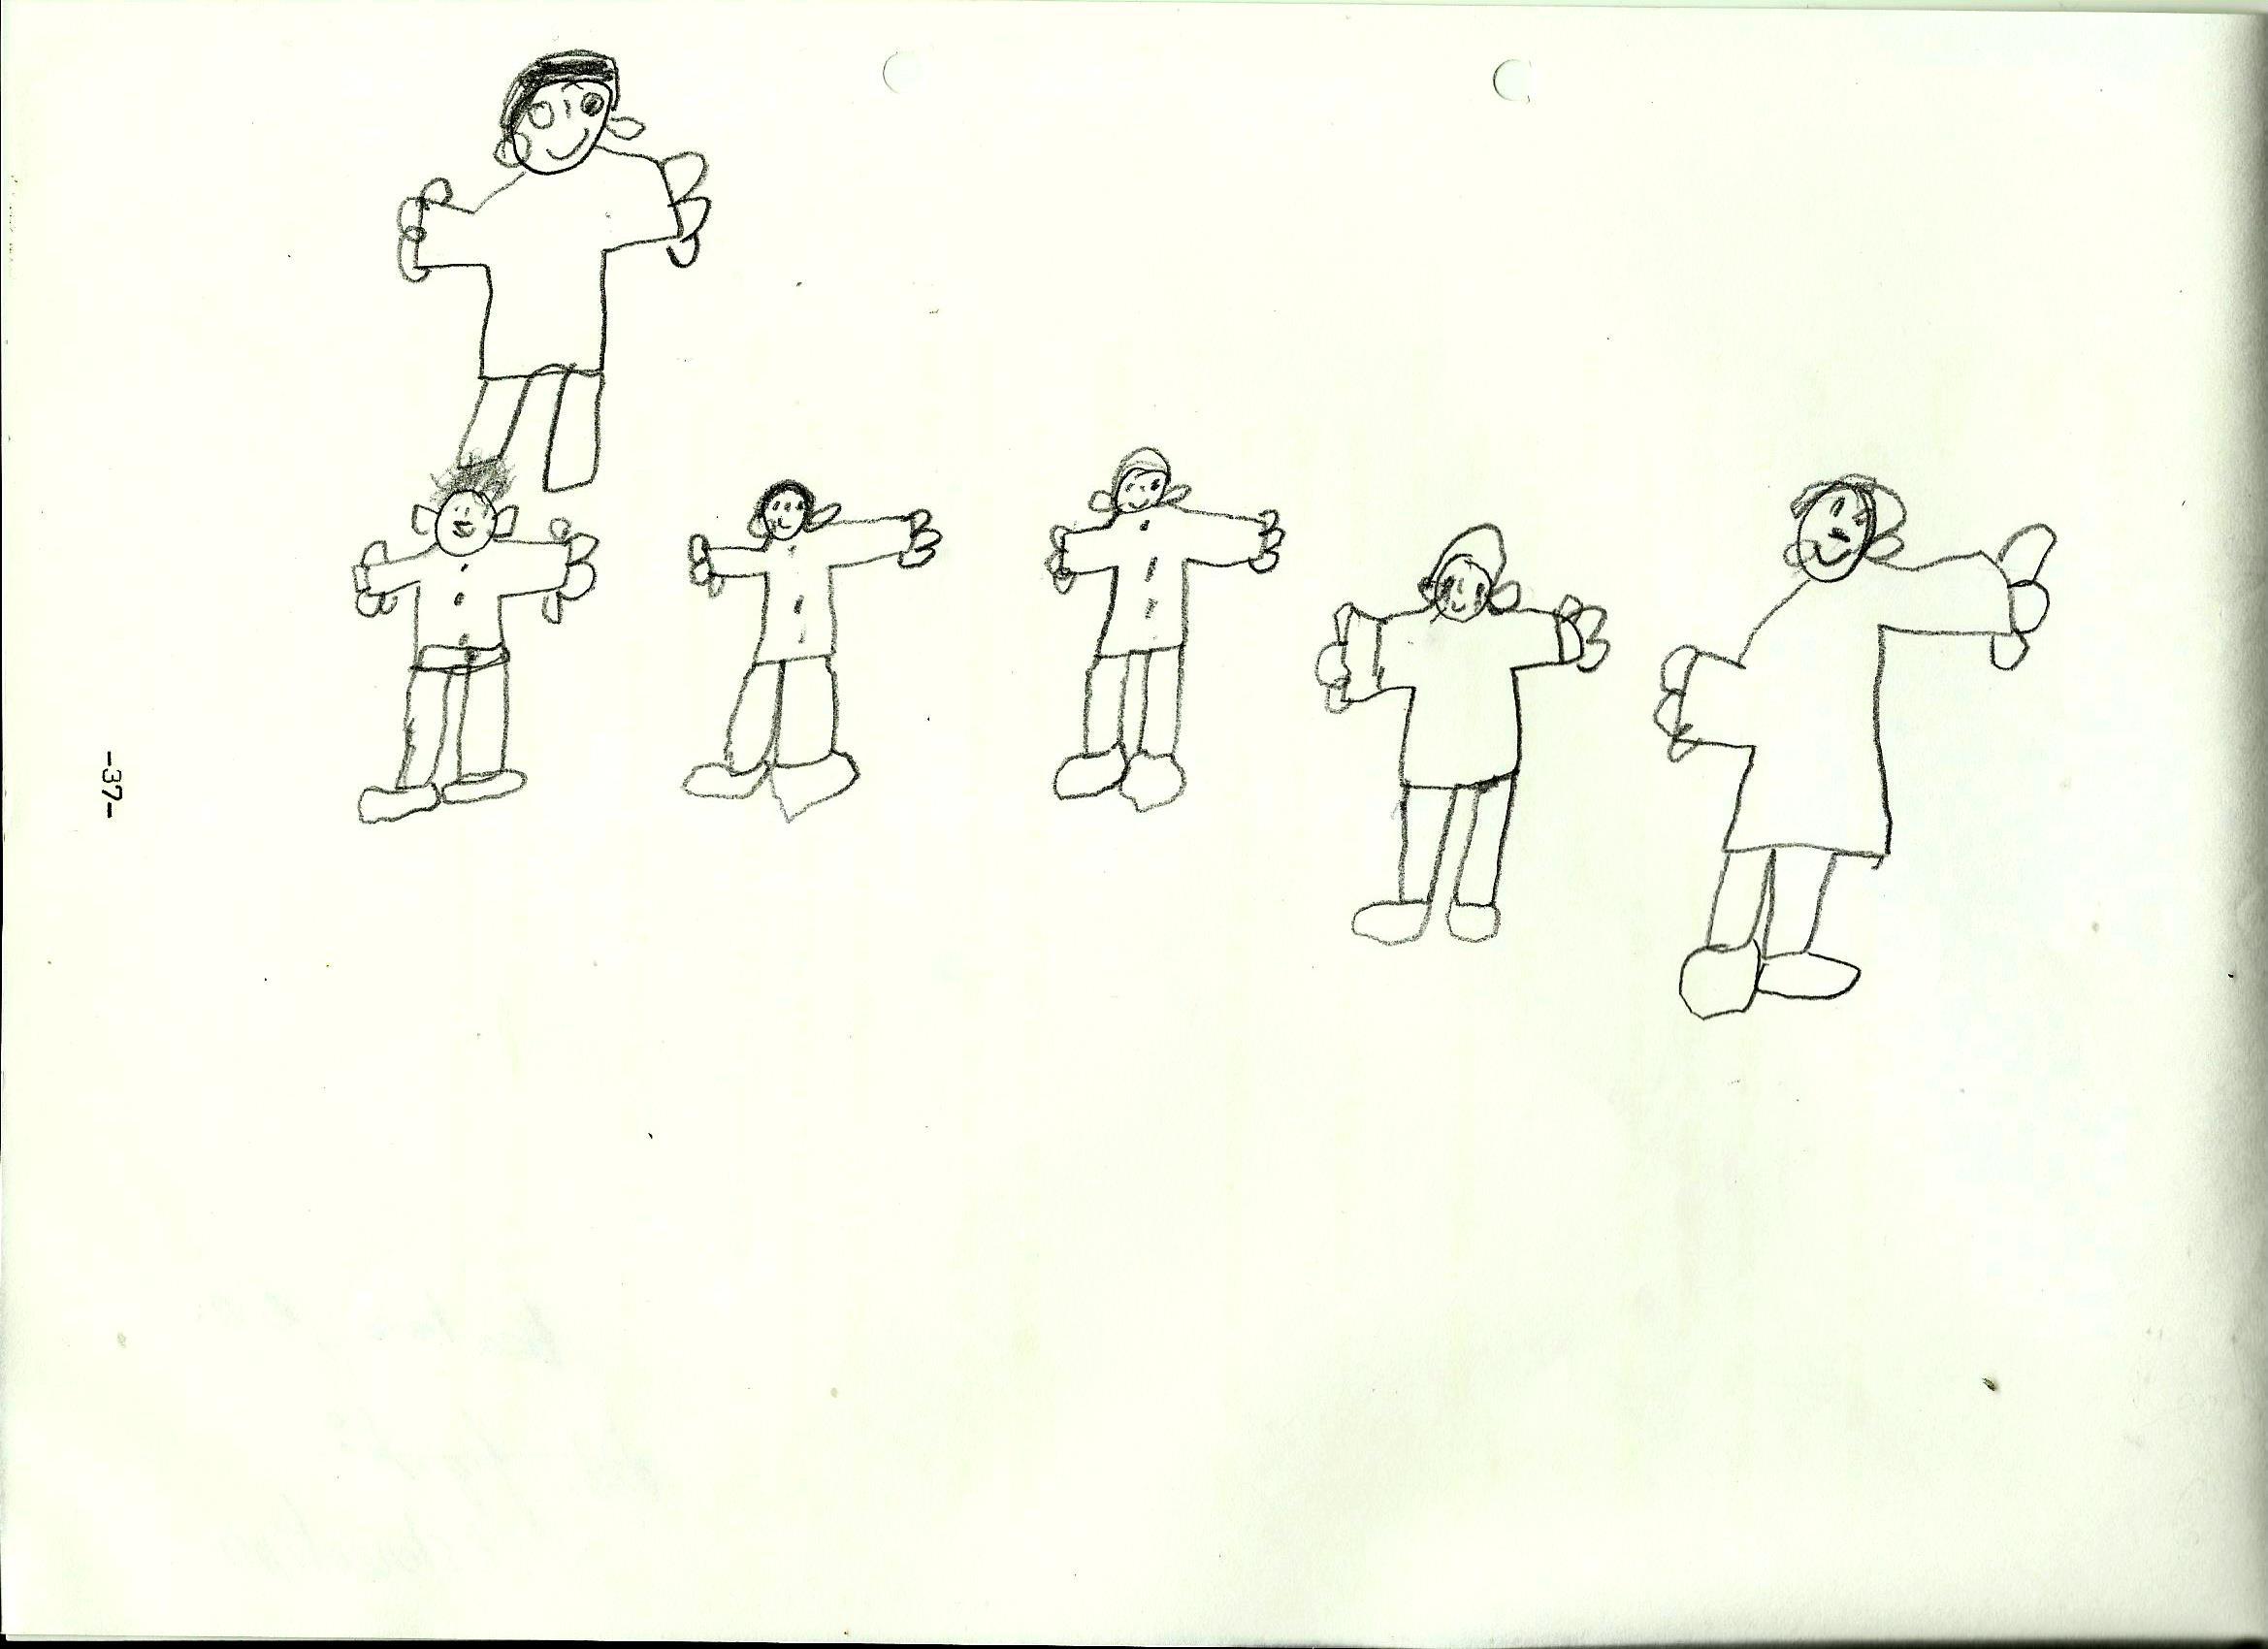 El dibujo estereotipado